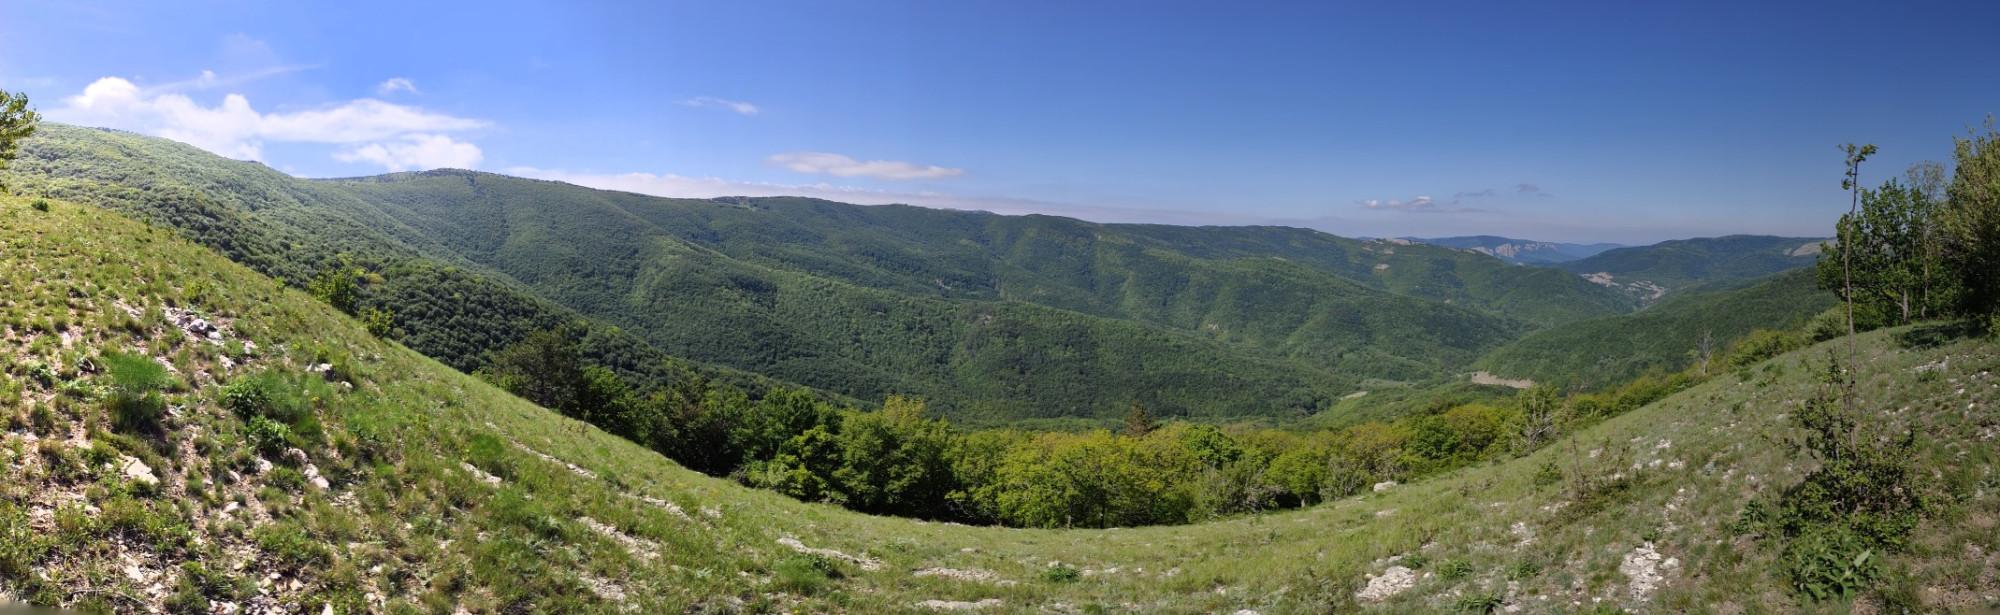 (Пано Егора) Общий пейзаж горы Комбопло.